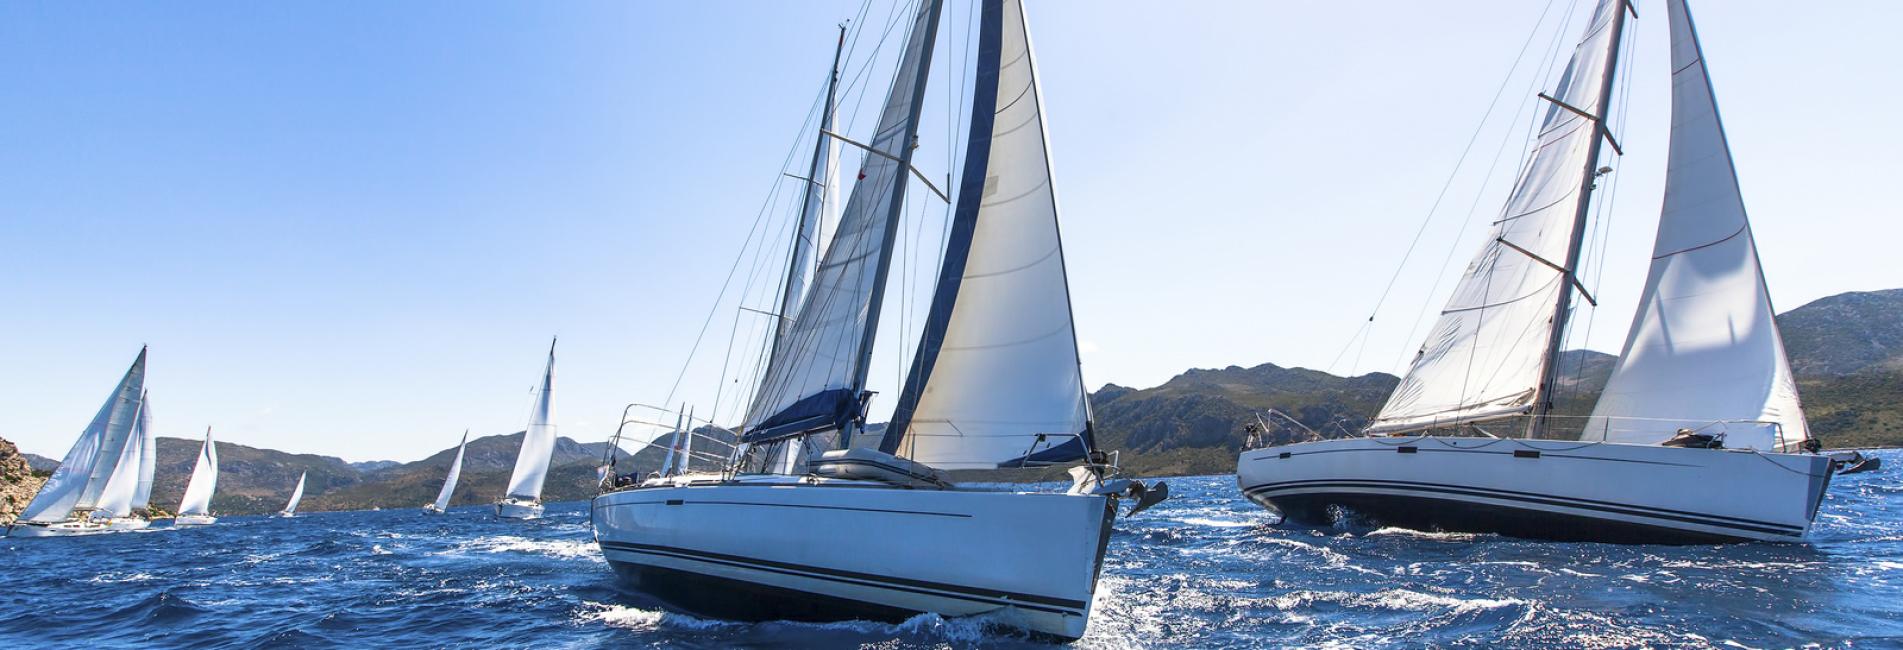 Touren-Yachtclub von Deutschland e.V